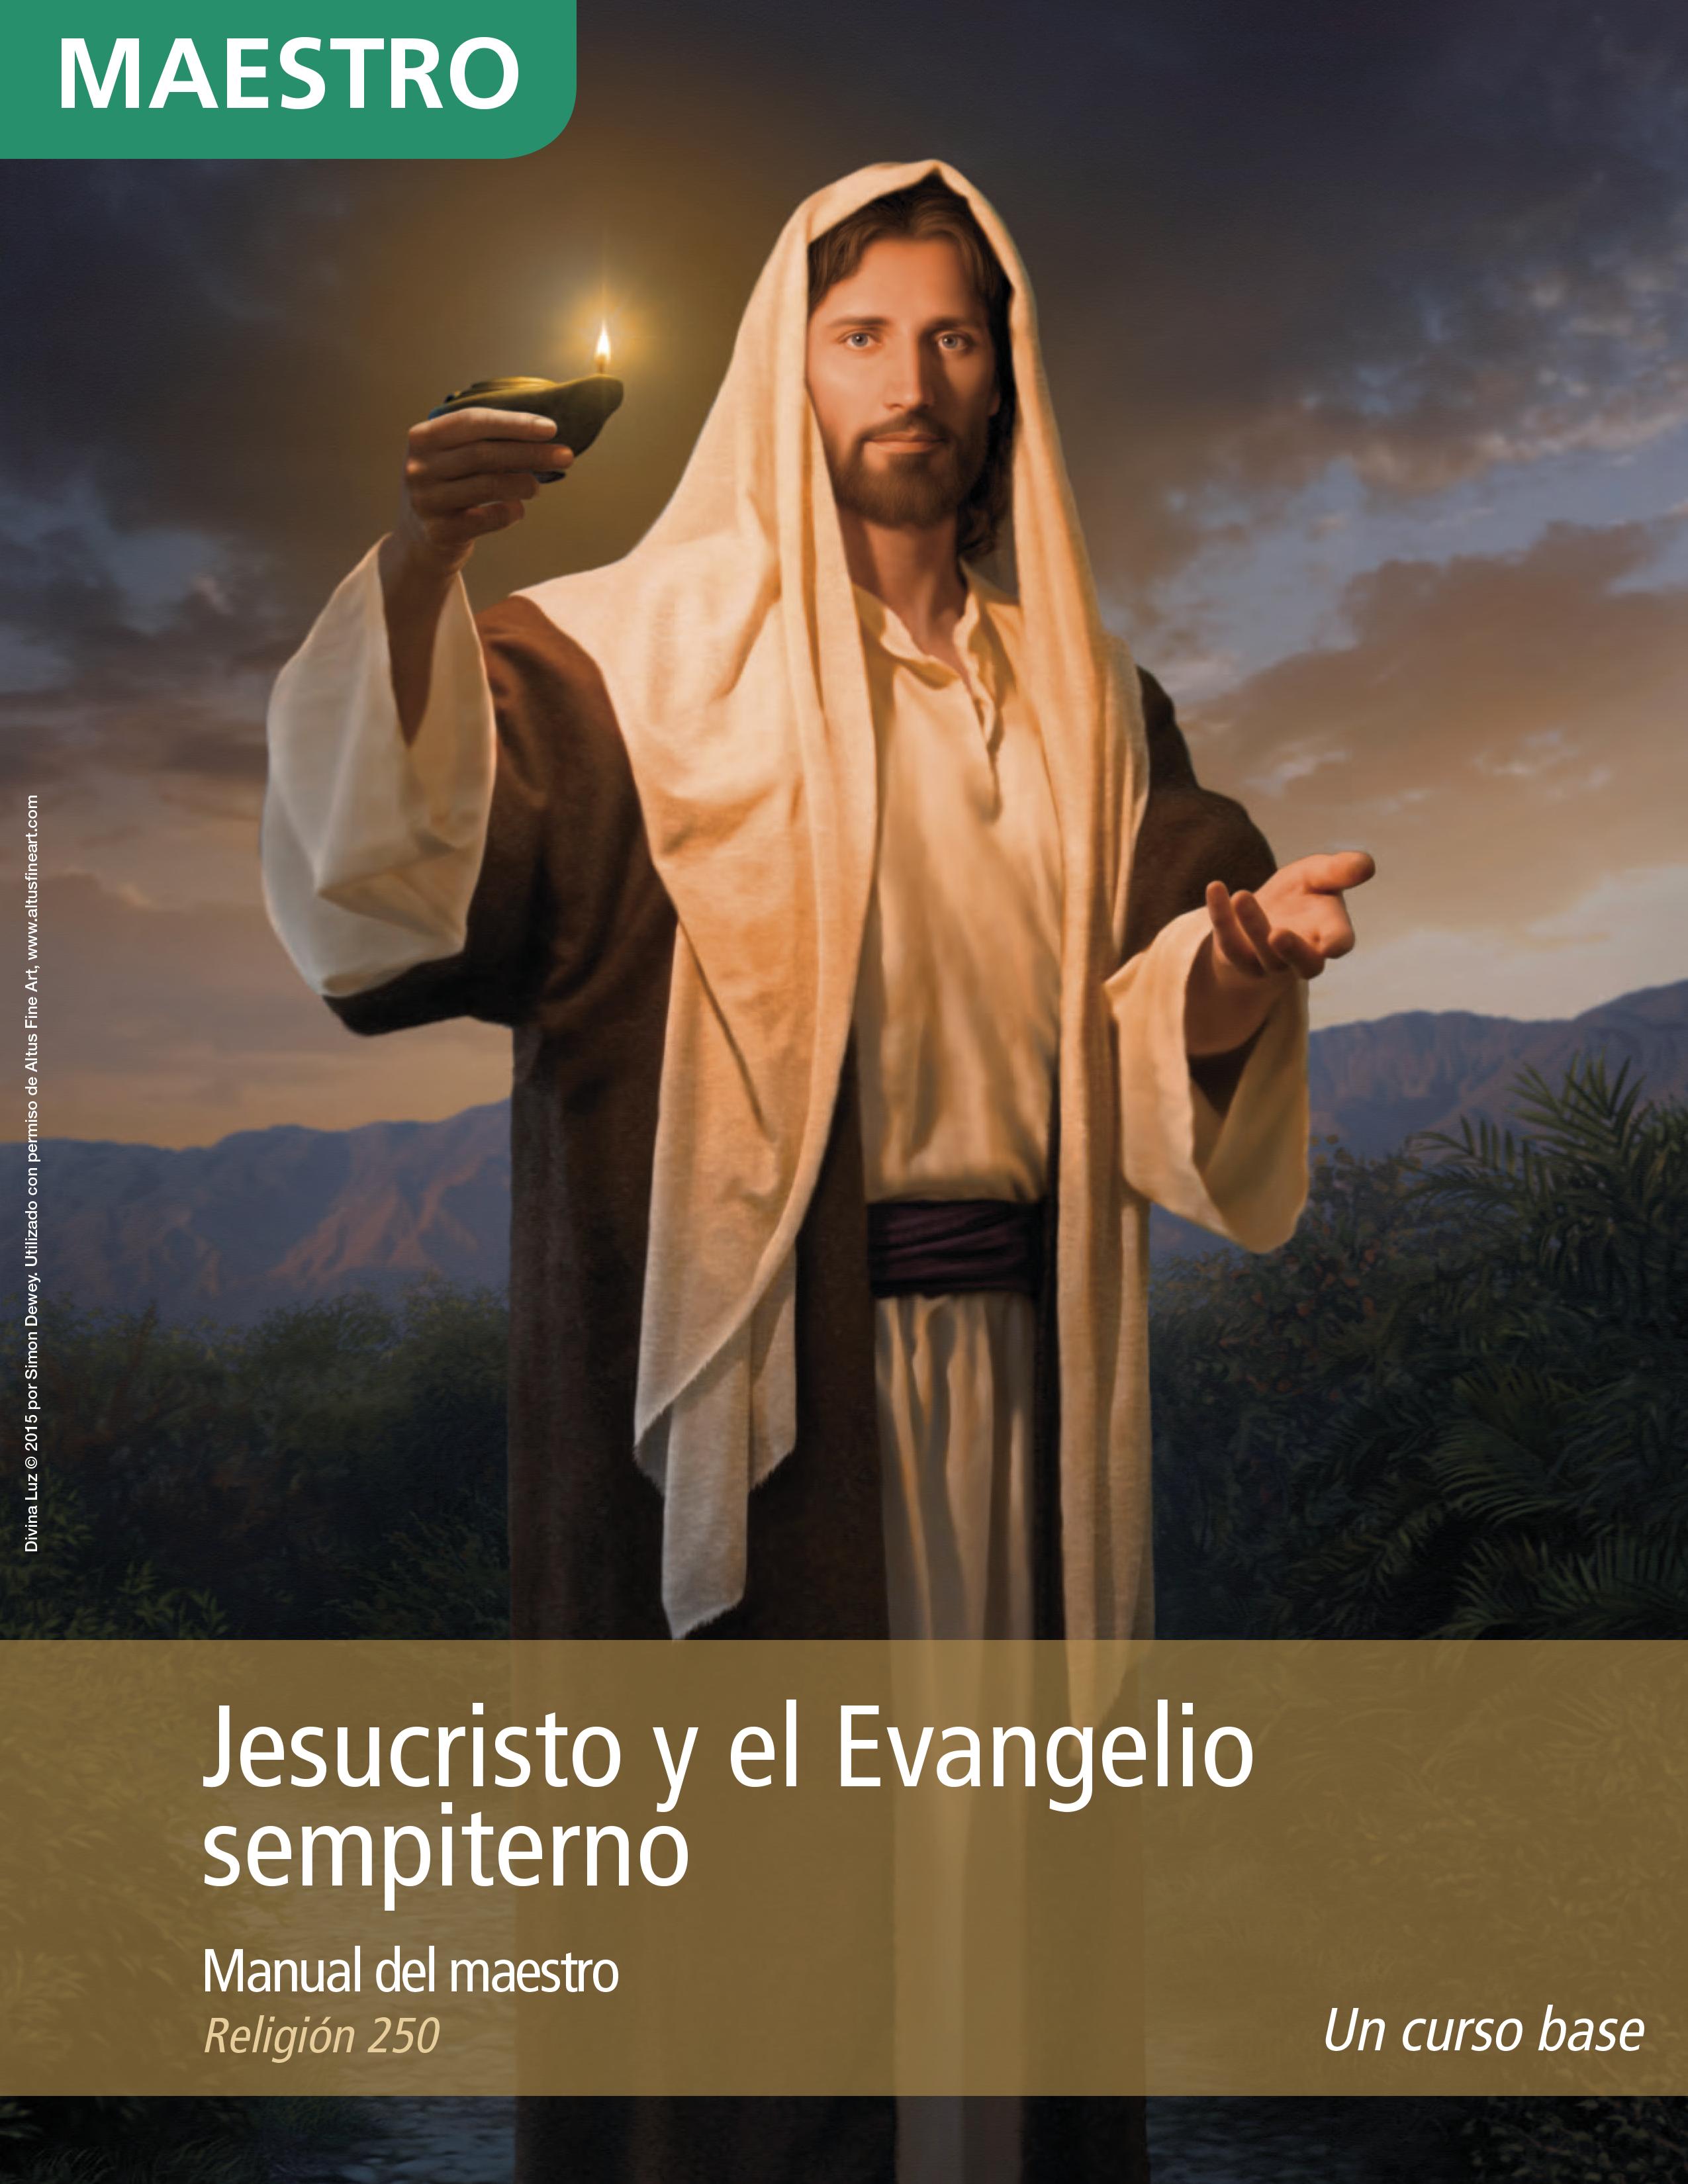 Jesucristo y el Evangelio sempiterno: Manual del maestro (Religión 250)